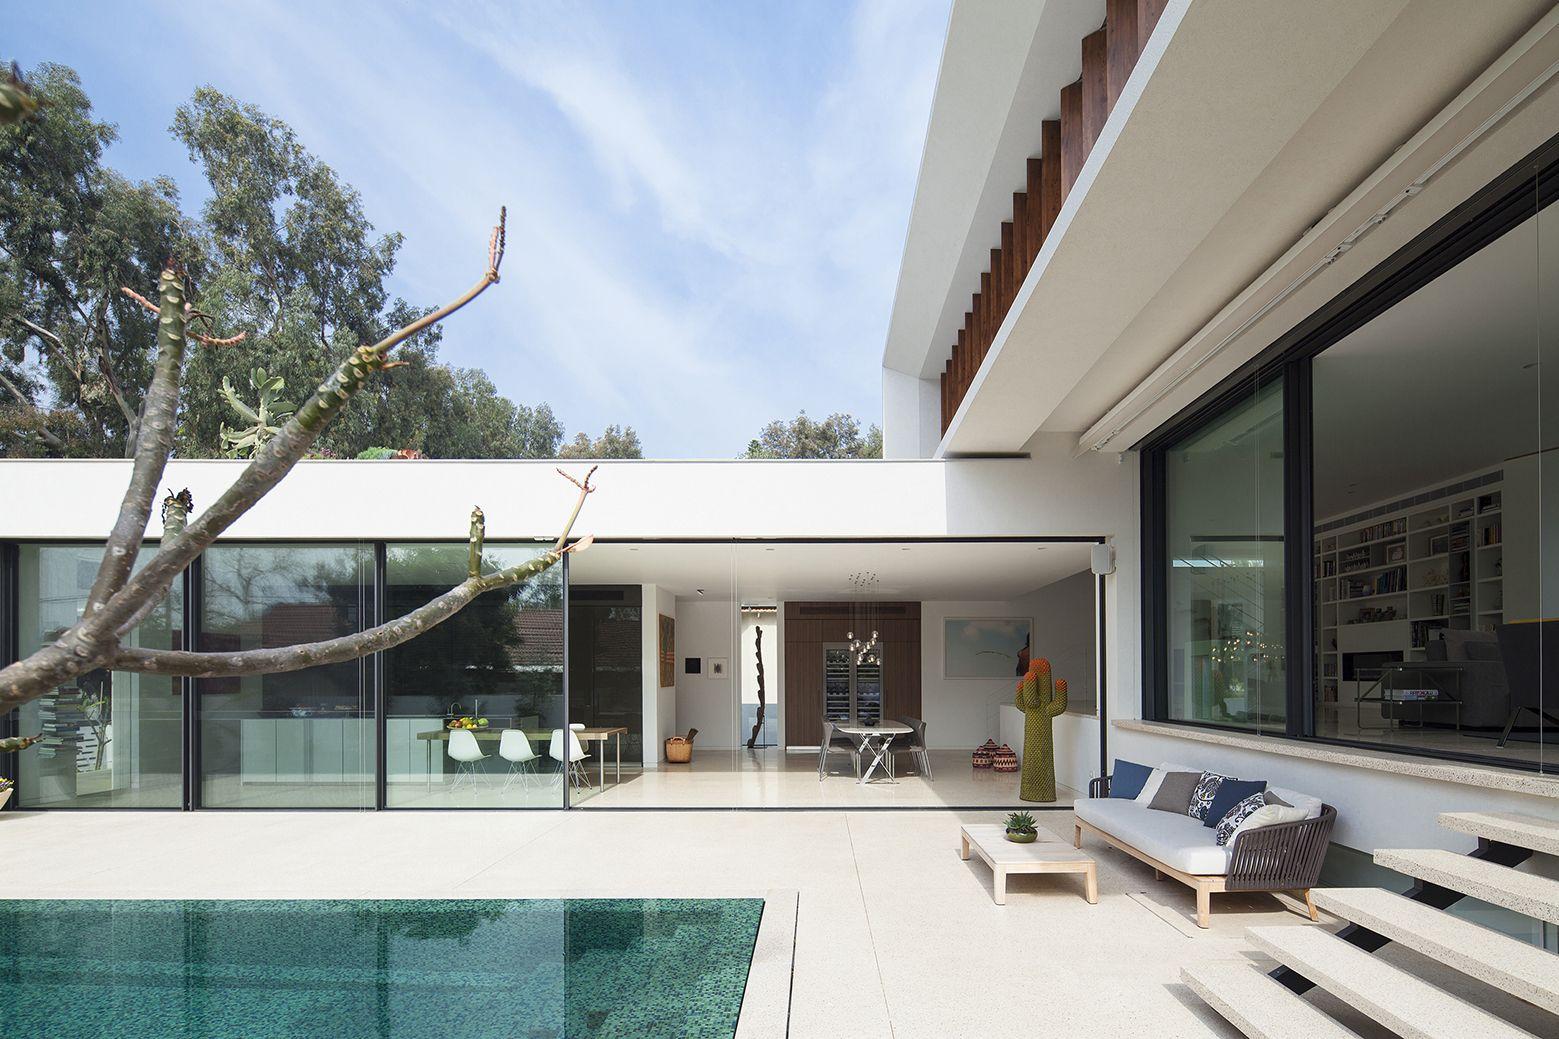 Gallery of Mediterranean Villa / Paz Gersh Architects - 9